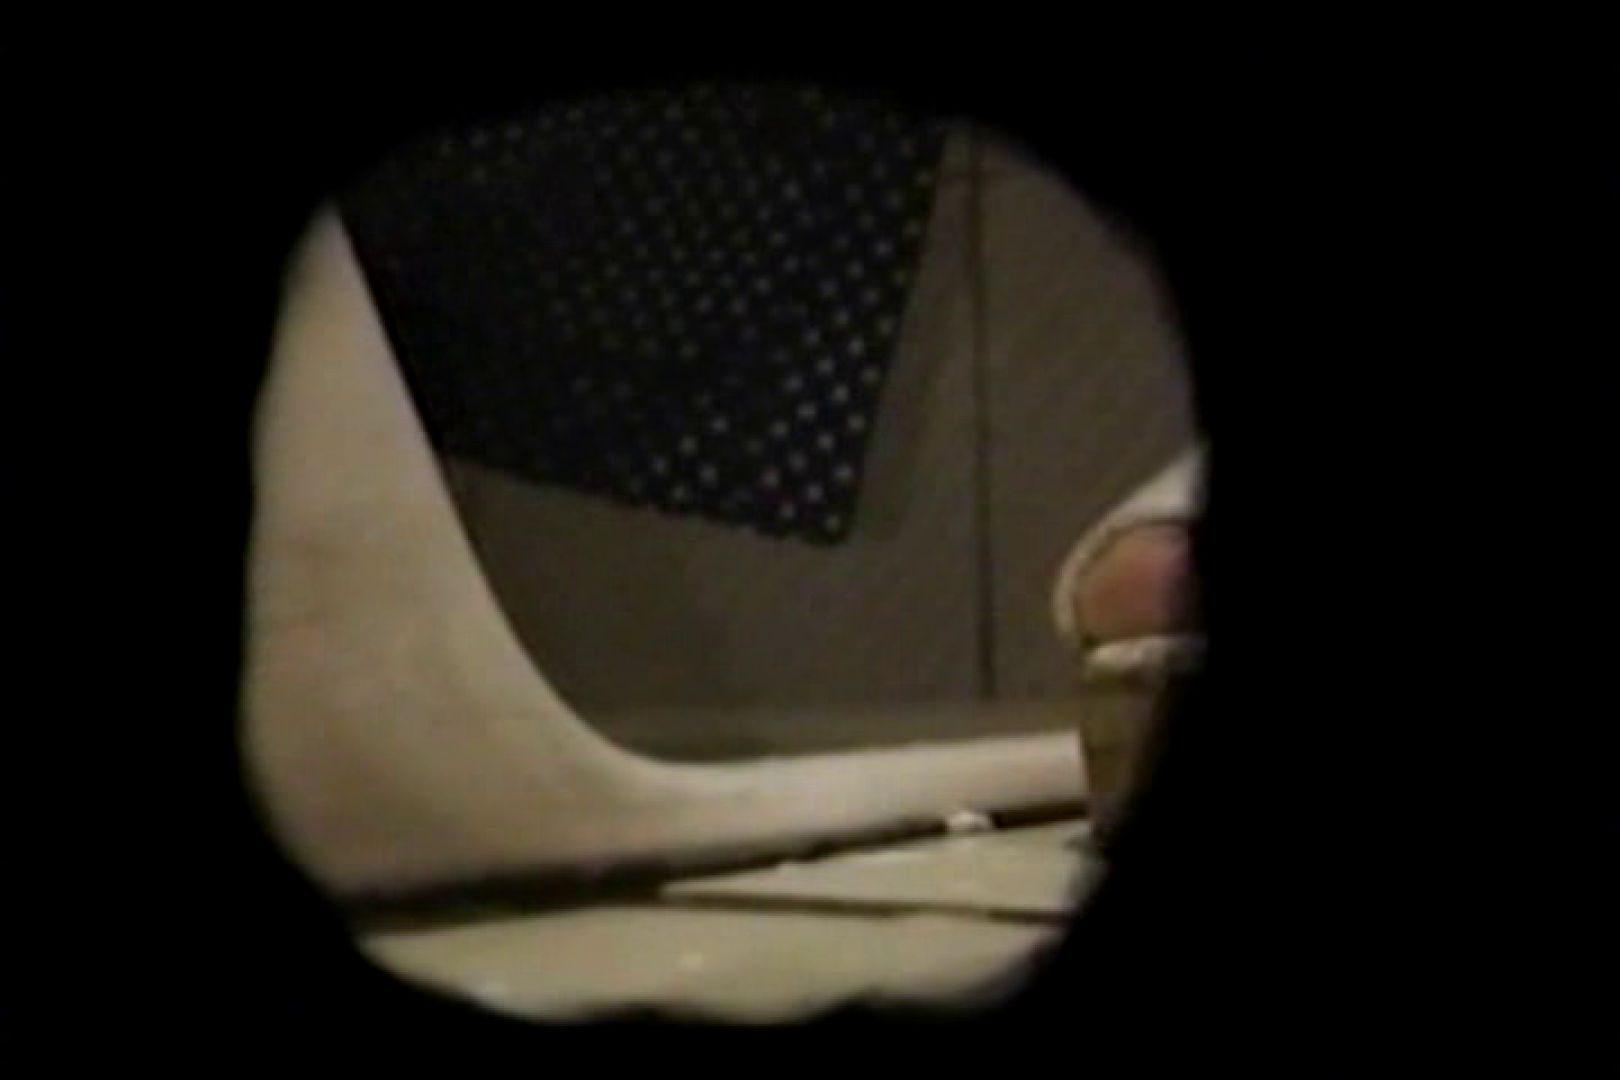 盗撮 女子洗面所3ヶ所入ってしゃがんで音出して 盗撮 おまんこ無修正動画無料 67pic 30